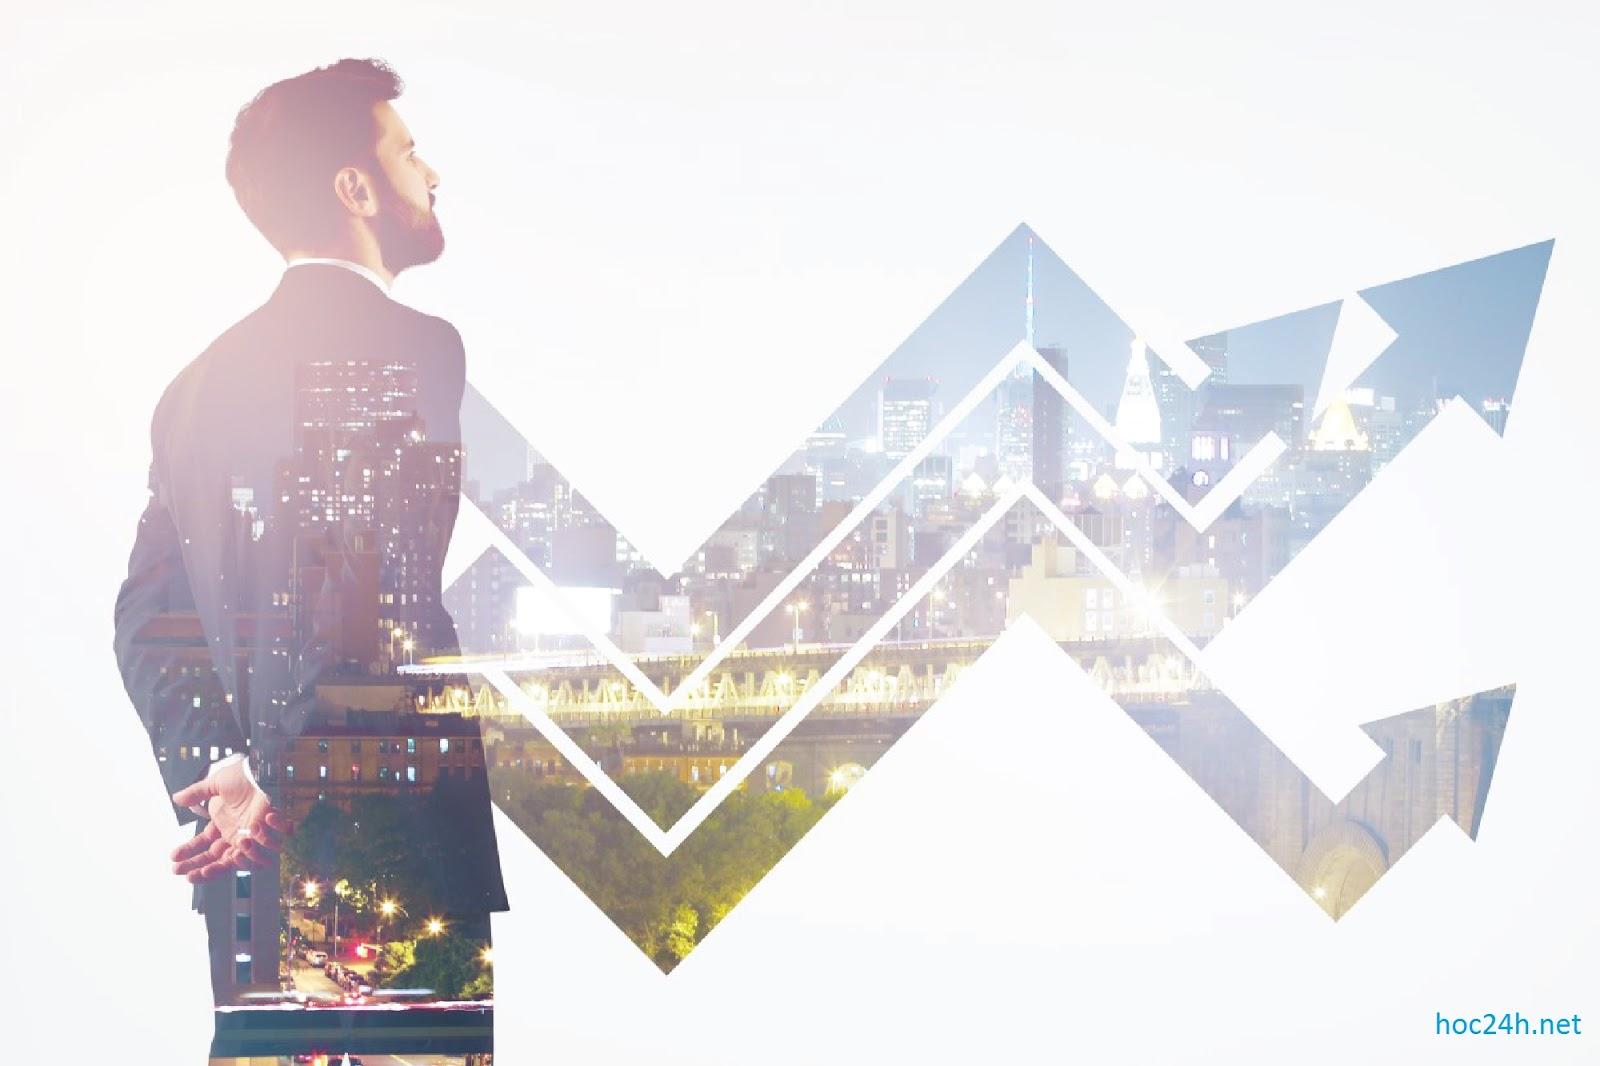 Thấu hiểu Bản thân - Mở lối Thành công - TS Lê Thâm Dương